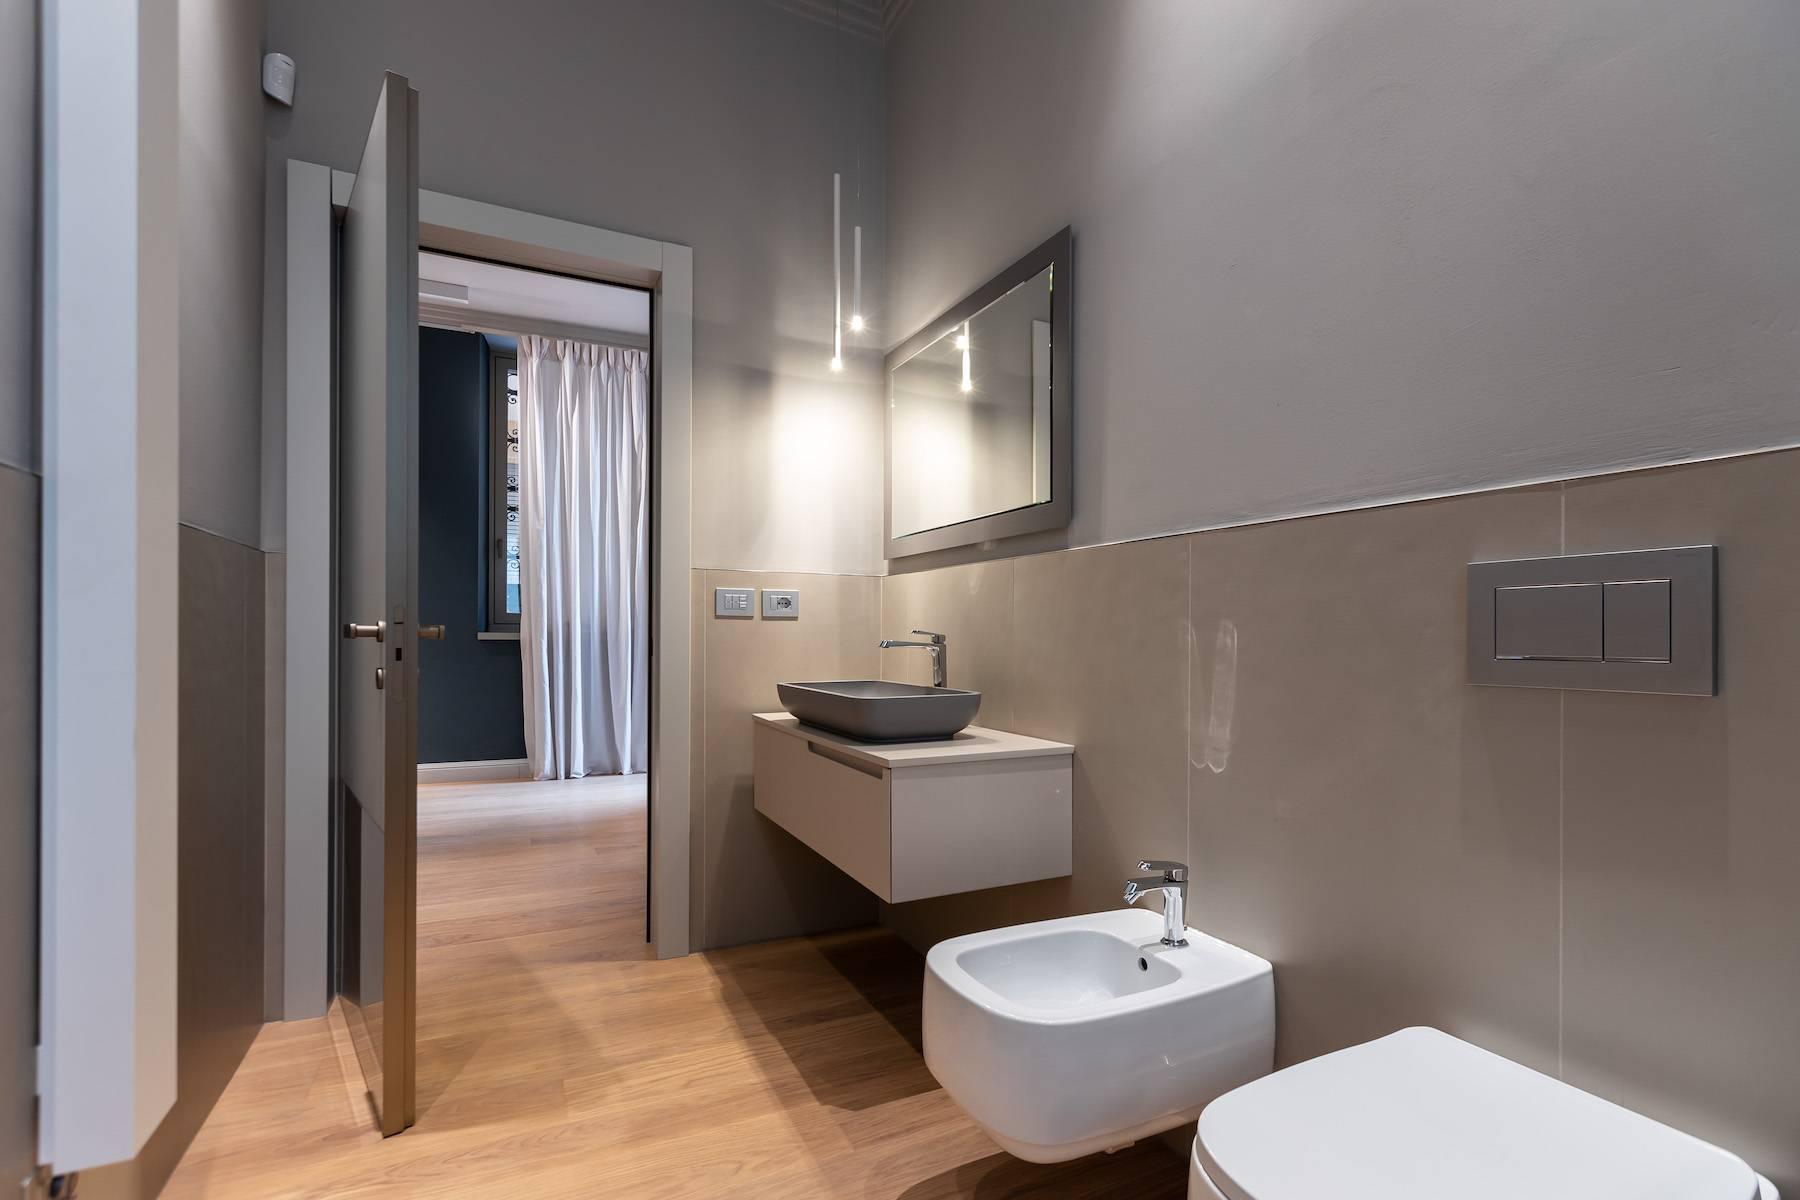 Herrliche Wohnung in einem eleganten historischen Gebäude mit Blick auf den Adige - 5